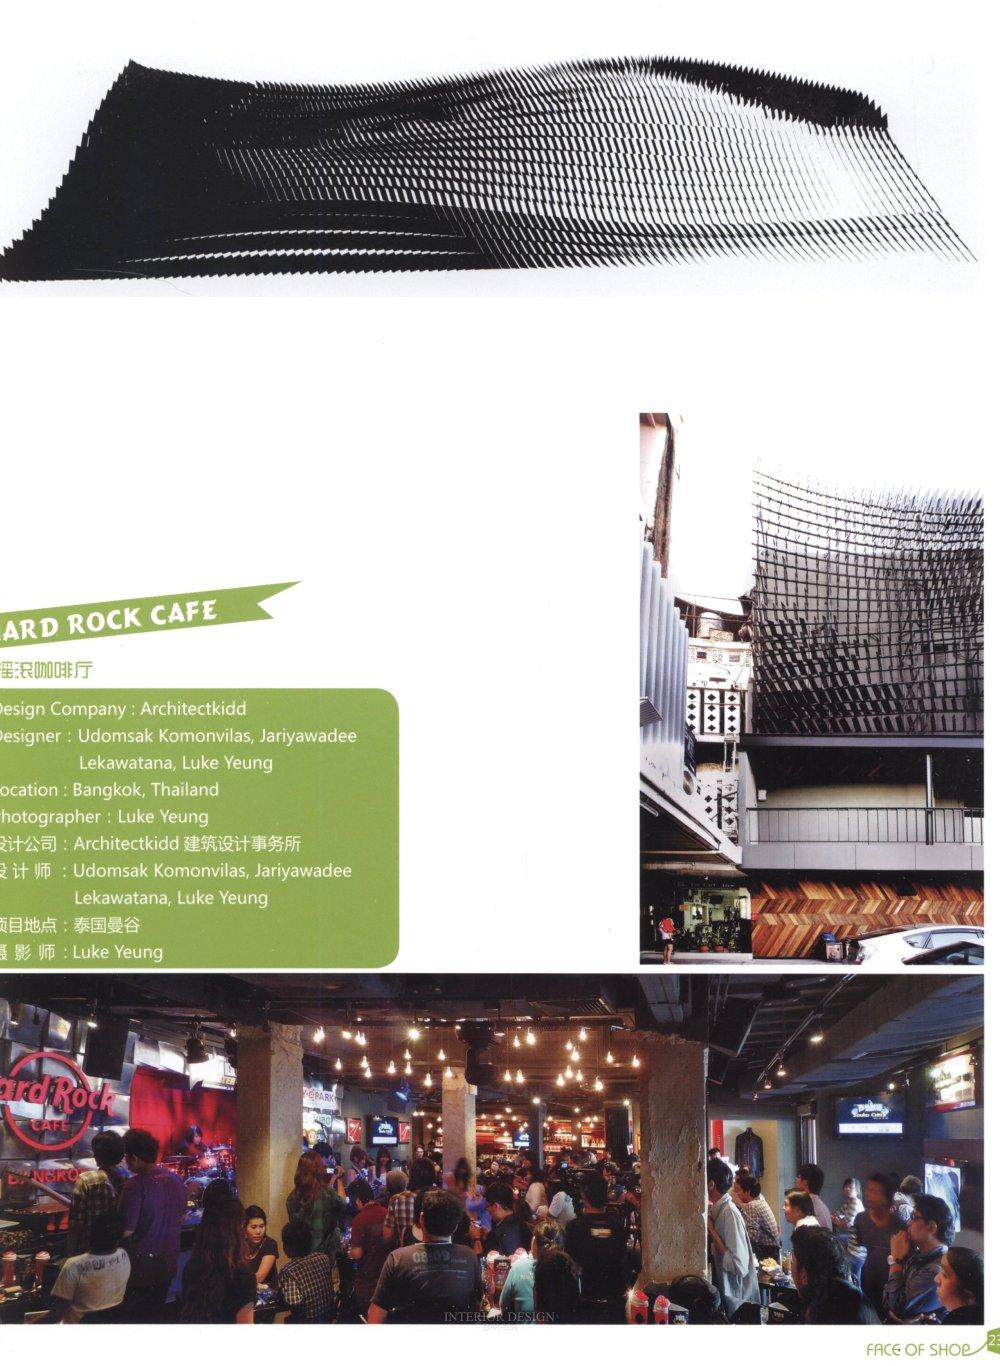 商业店铺、门头设计_kebi 0226.jpg